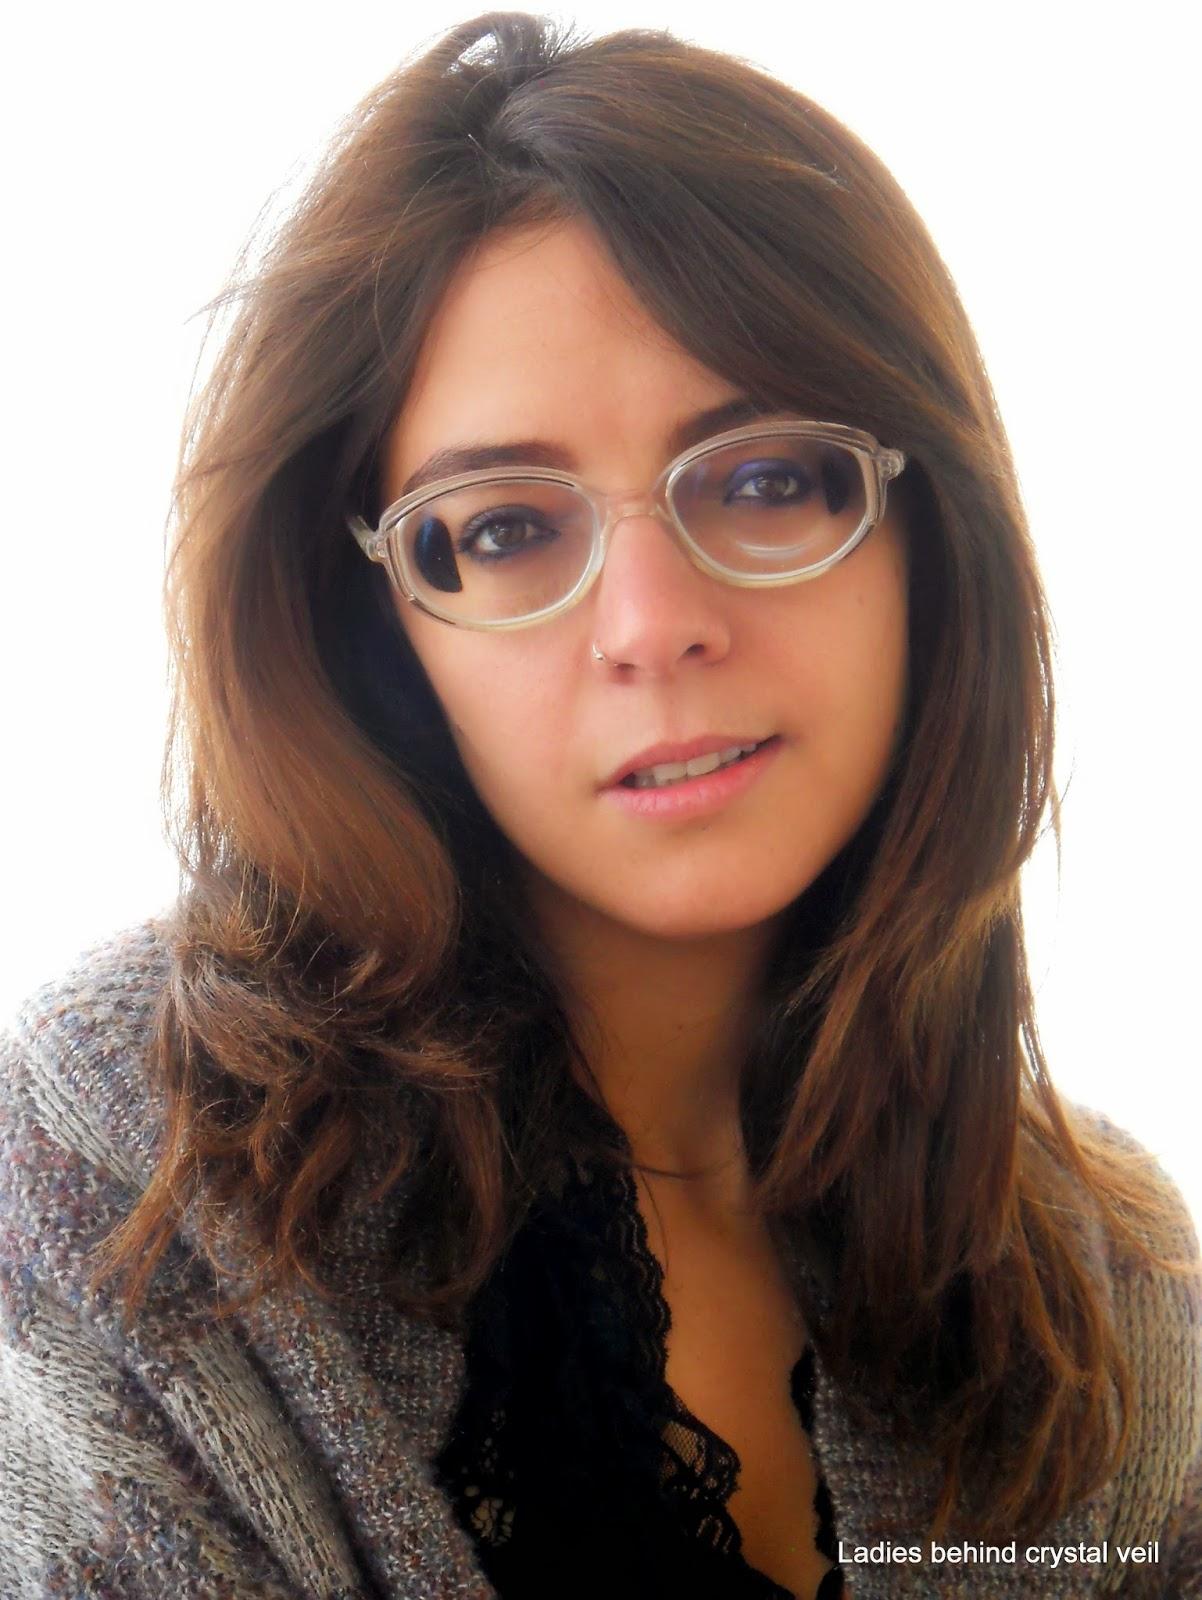 Women With Thick Glasses Les Baux De Provence